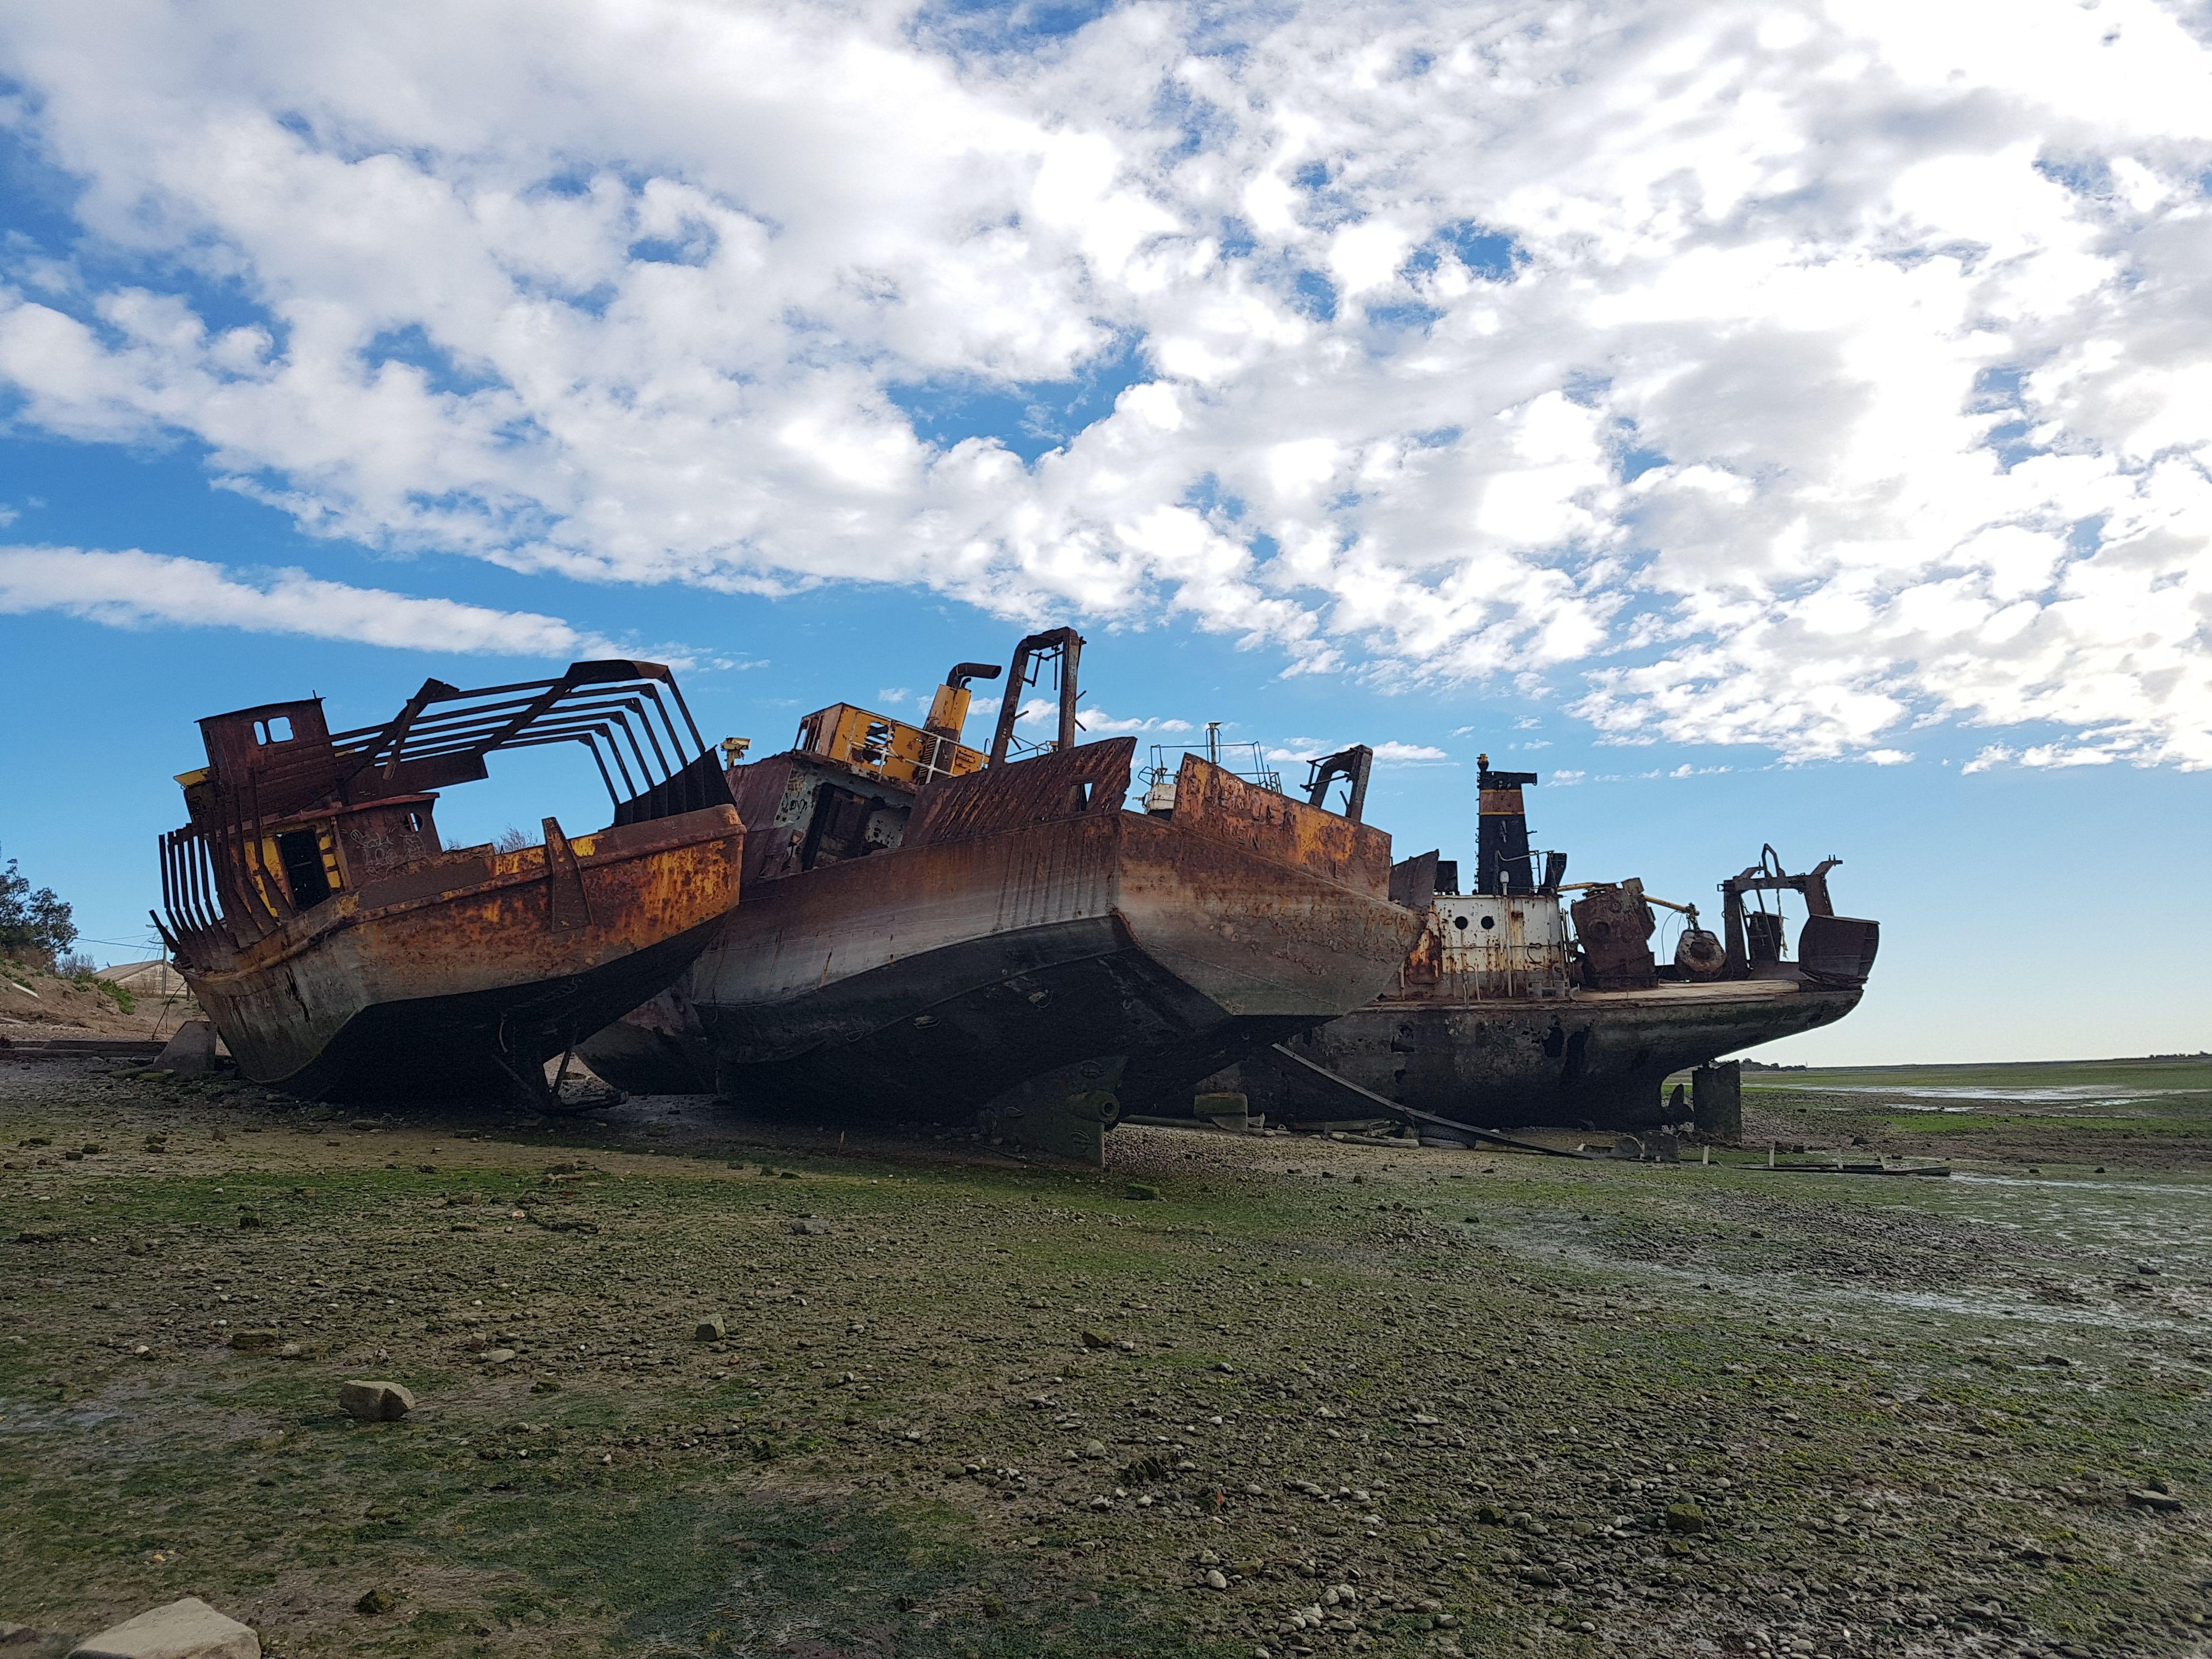 Abandoned ships in the cemetery of boats of the port of San Antonio Oeste, Rio Negro, Argentina. ''' Barcos abandonados en el cementerio de barcos del puerto de San Antonio Oeste, Rio Negro, Argentina.